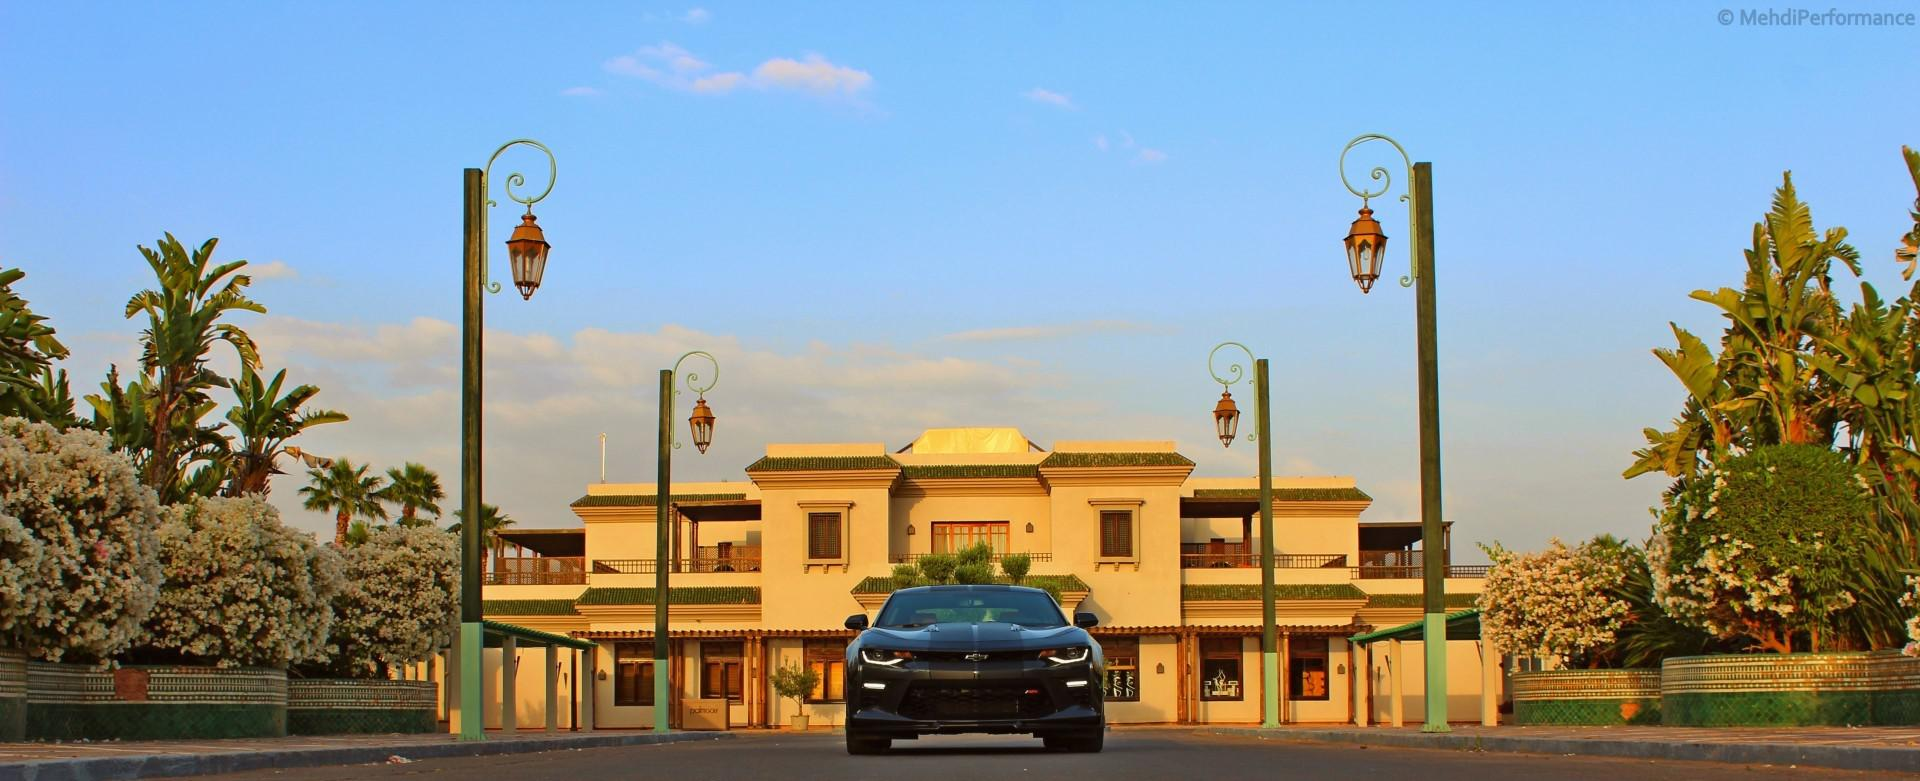 Le premier et le seul exemplaire au Maroc : Chevrolet Camaro Super Sport LT1